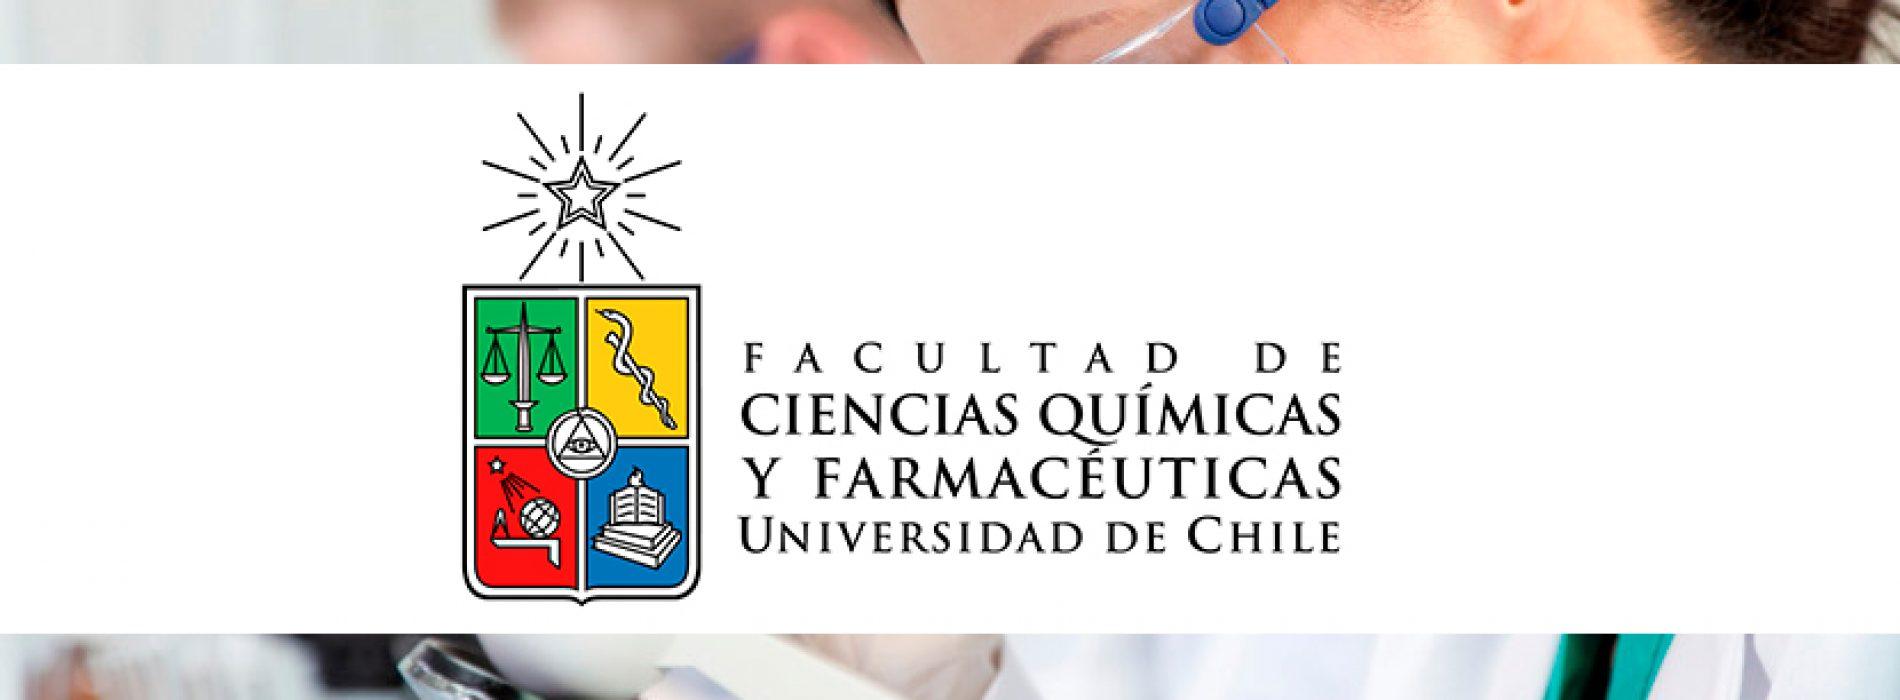 Seminario Mecanismos Moleculares de la Autofagia y su Implicación en Enfermedades Raras